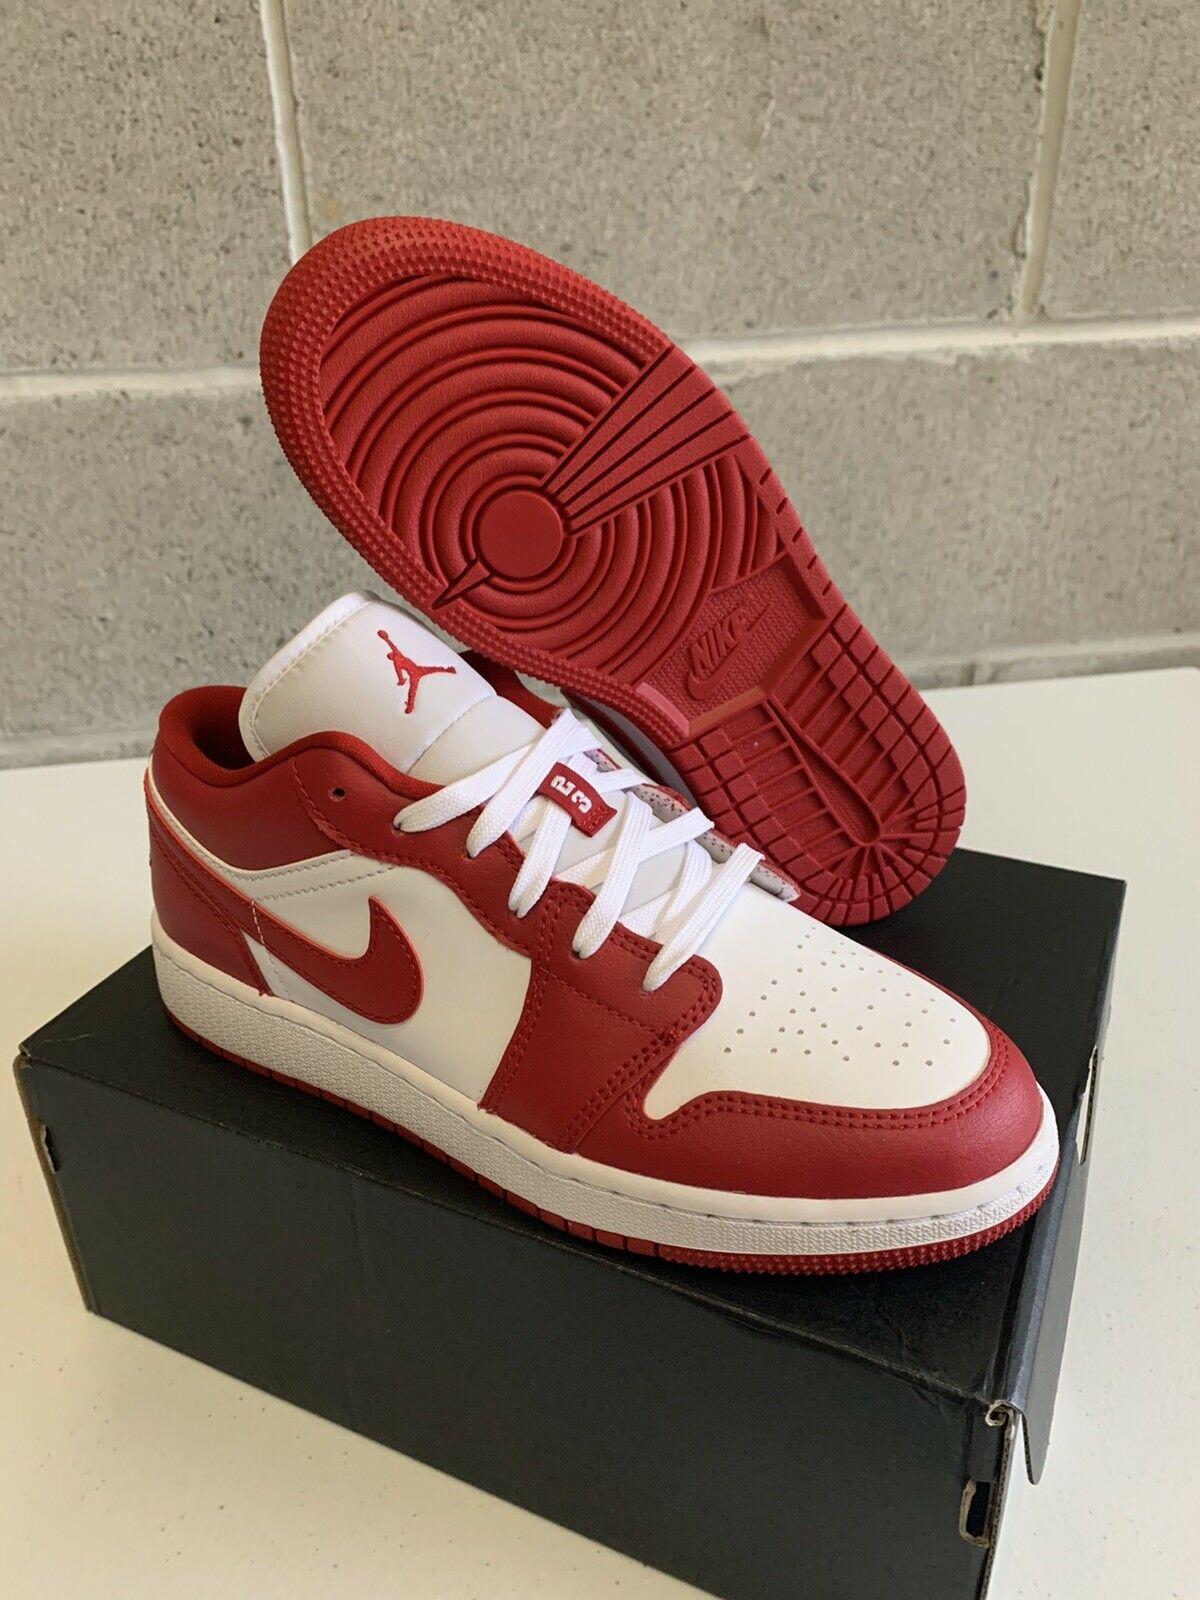 Jordan 1 Low Gym Red White GS